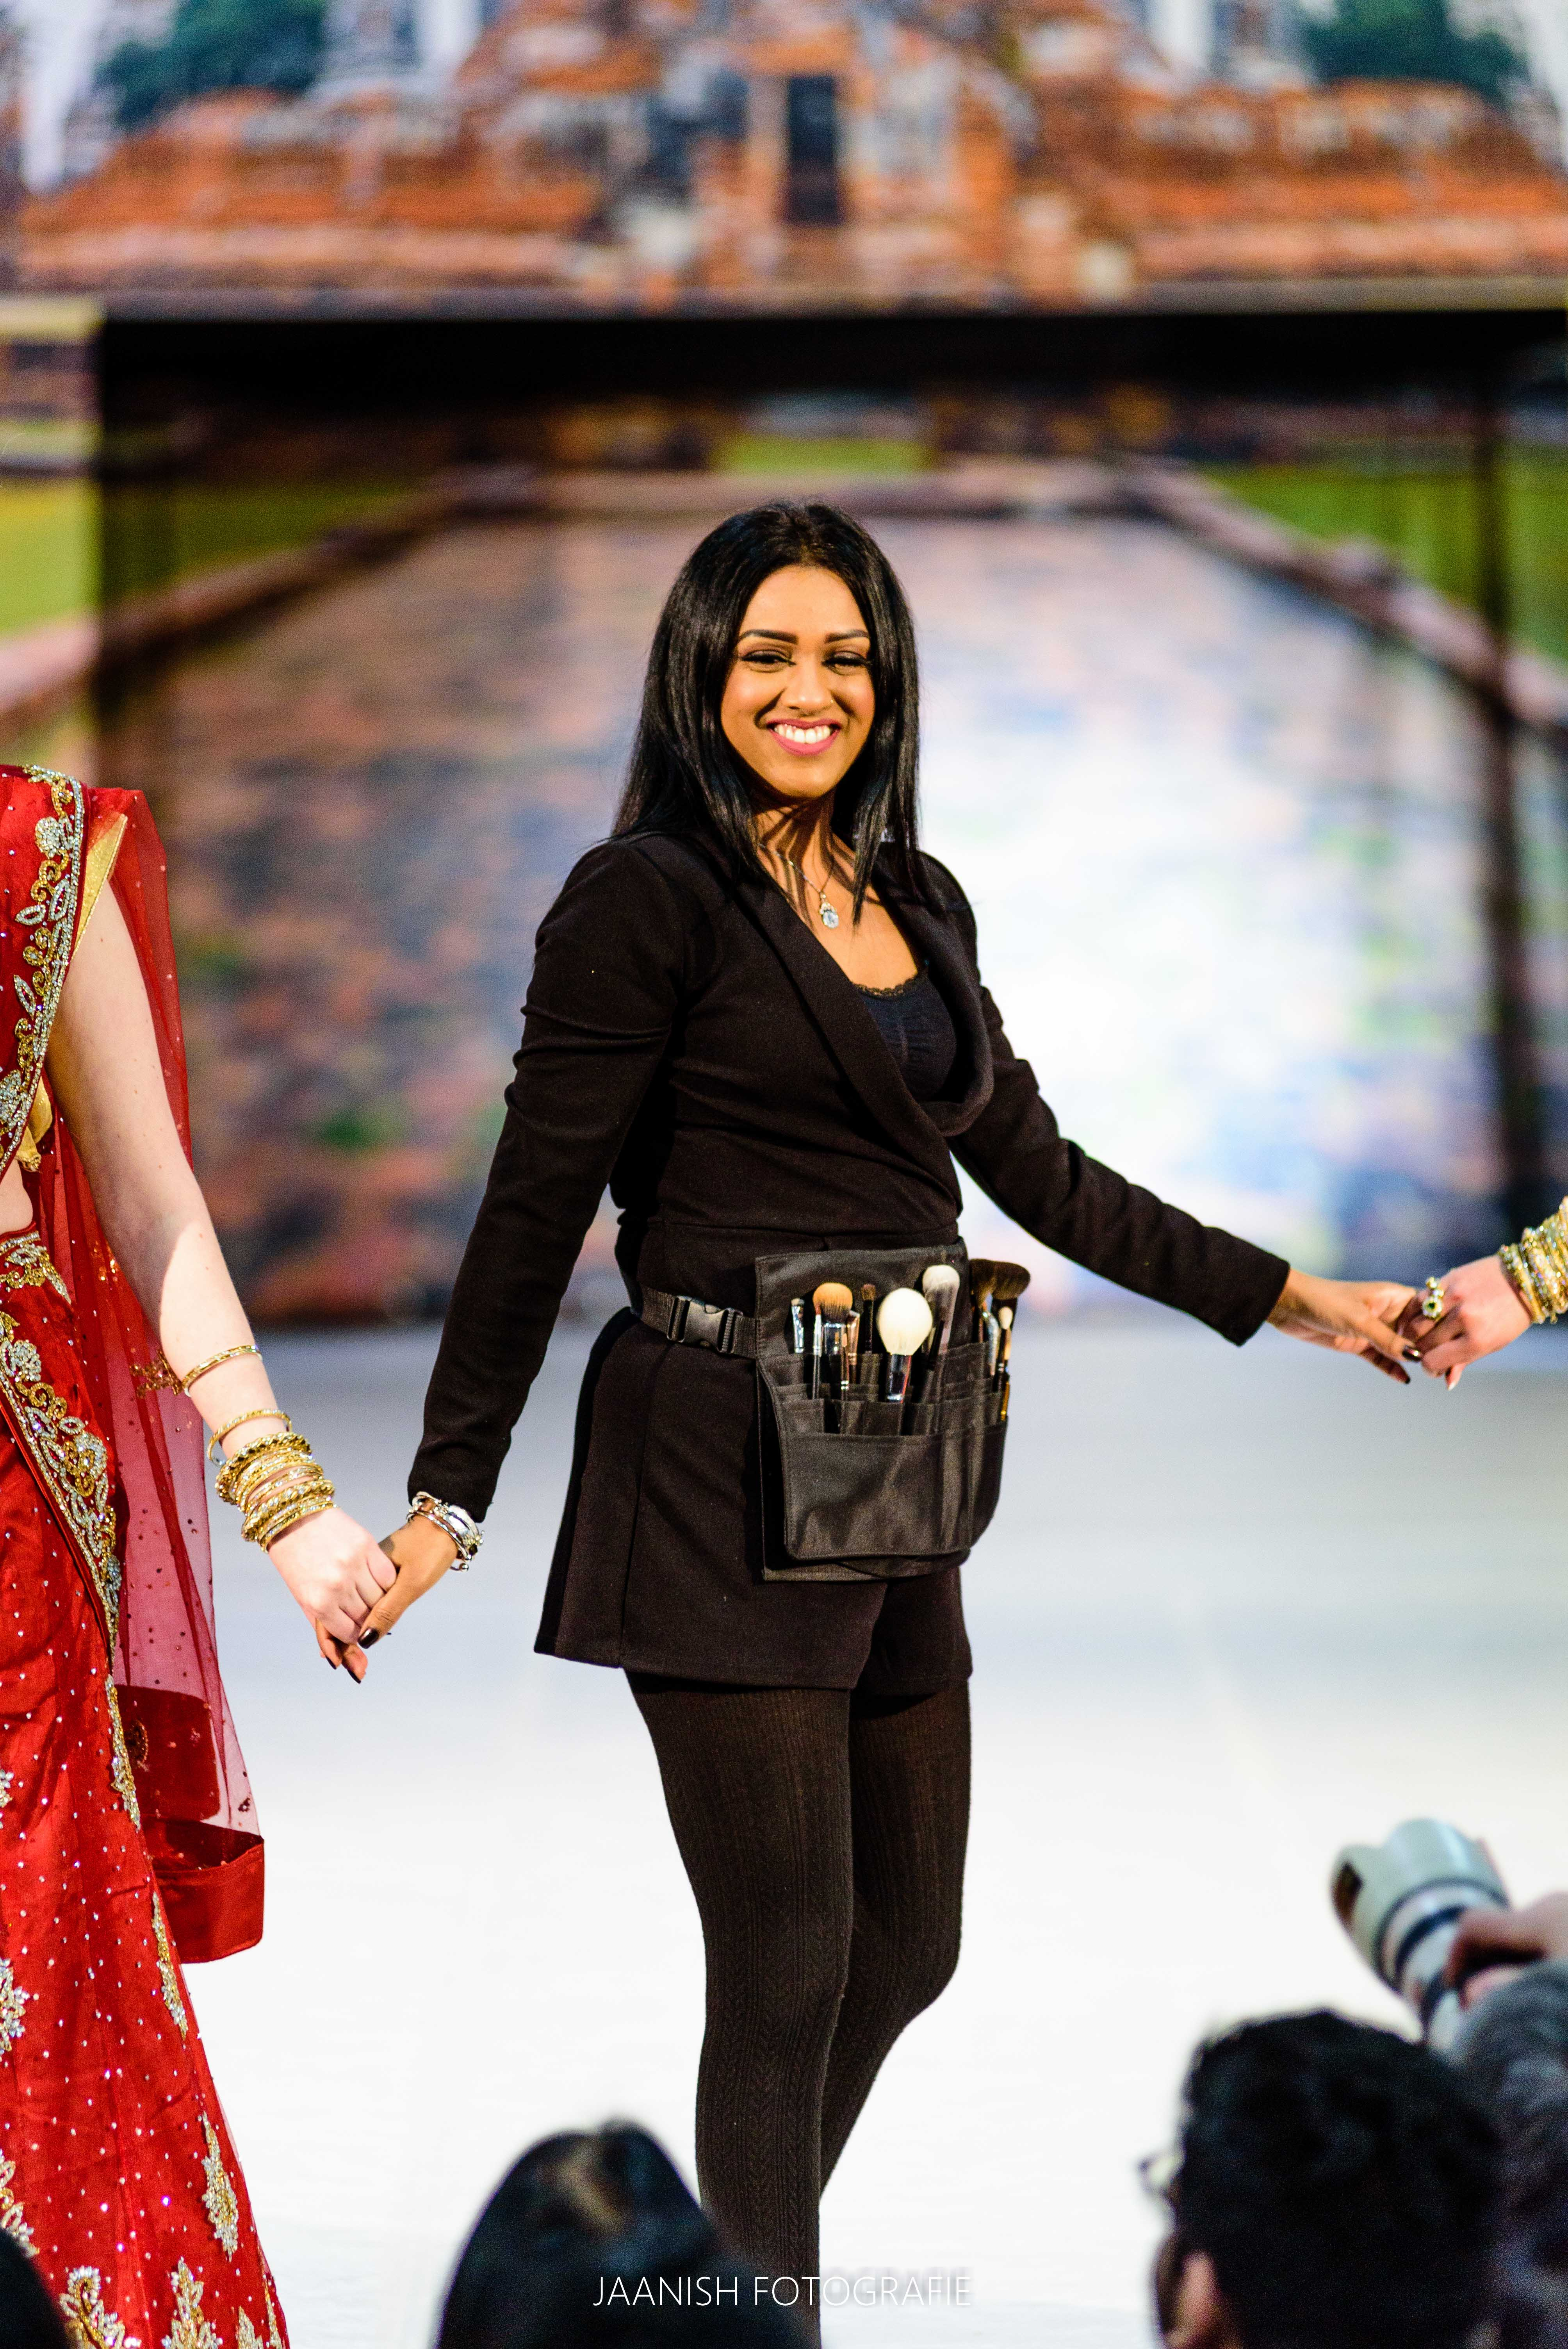 Fashion fotograaf The Big Day 5 wedding beurs 16